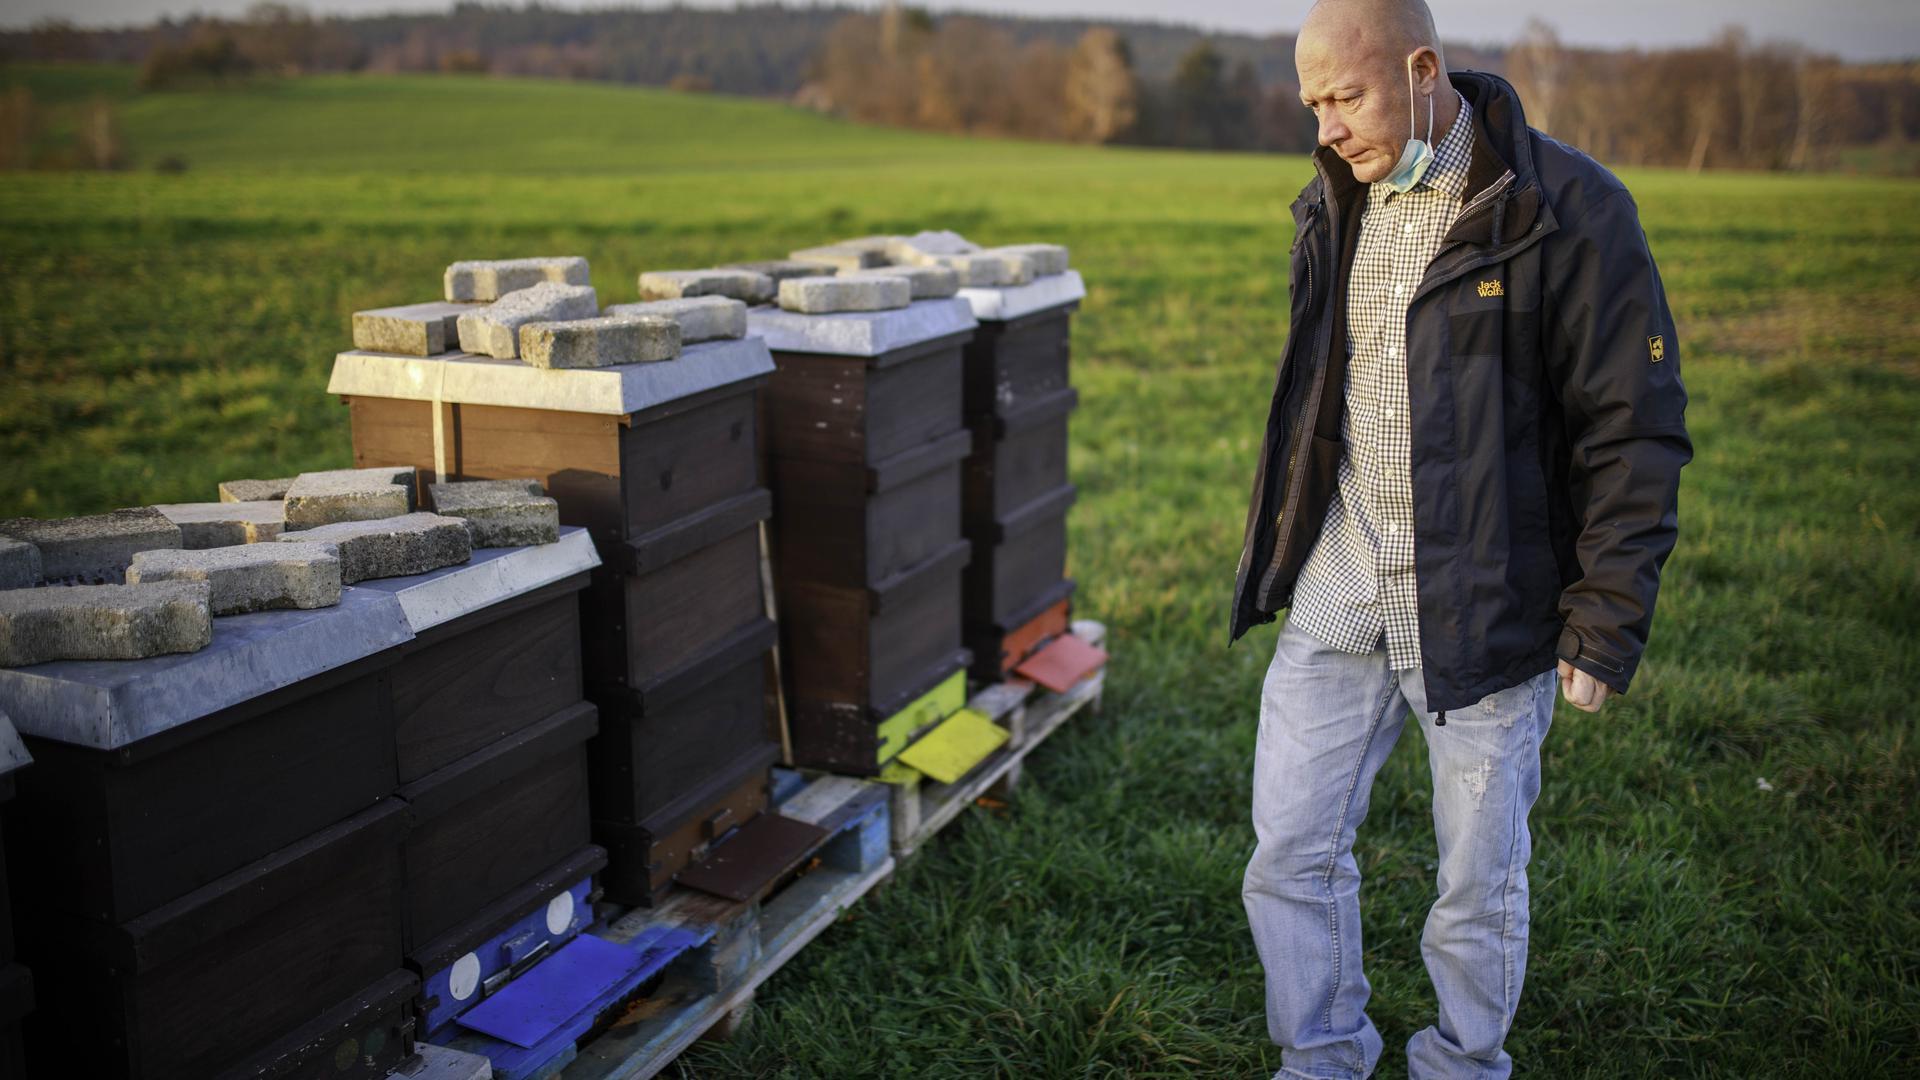 #Der Diedelsheimer Imker Markus Behme sorgt sich um seine Bienen.